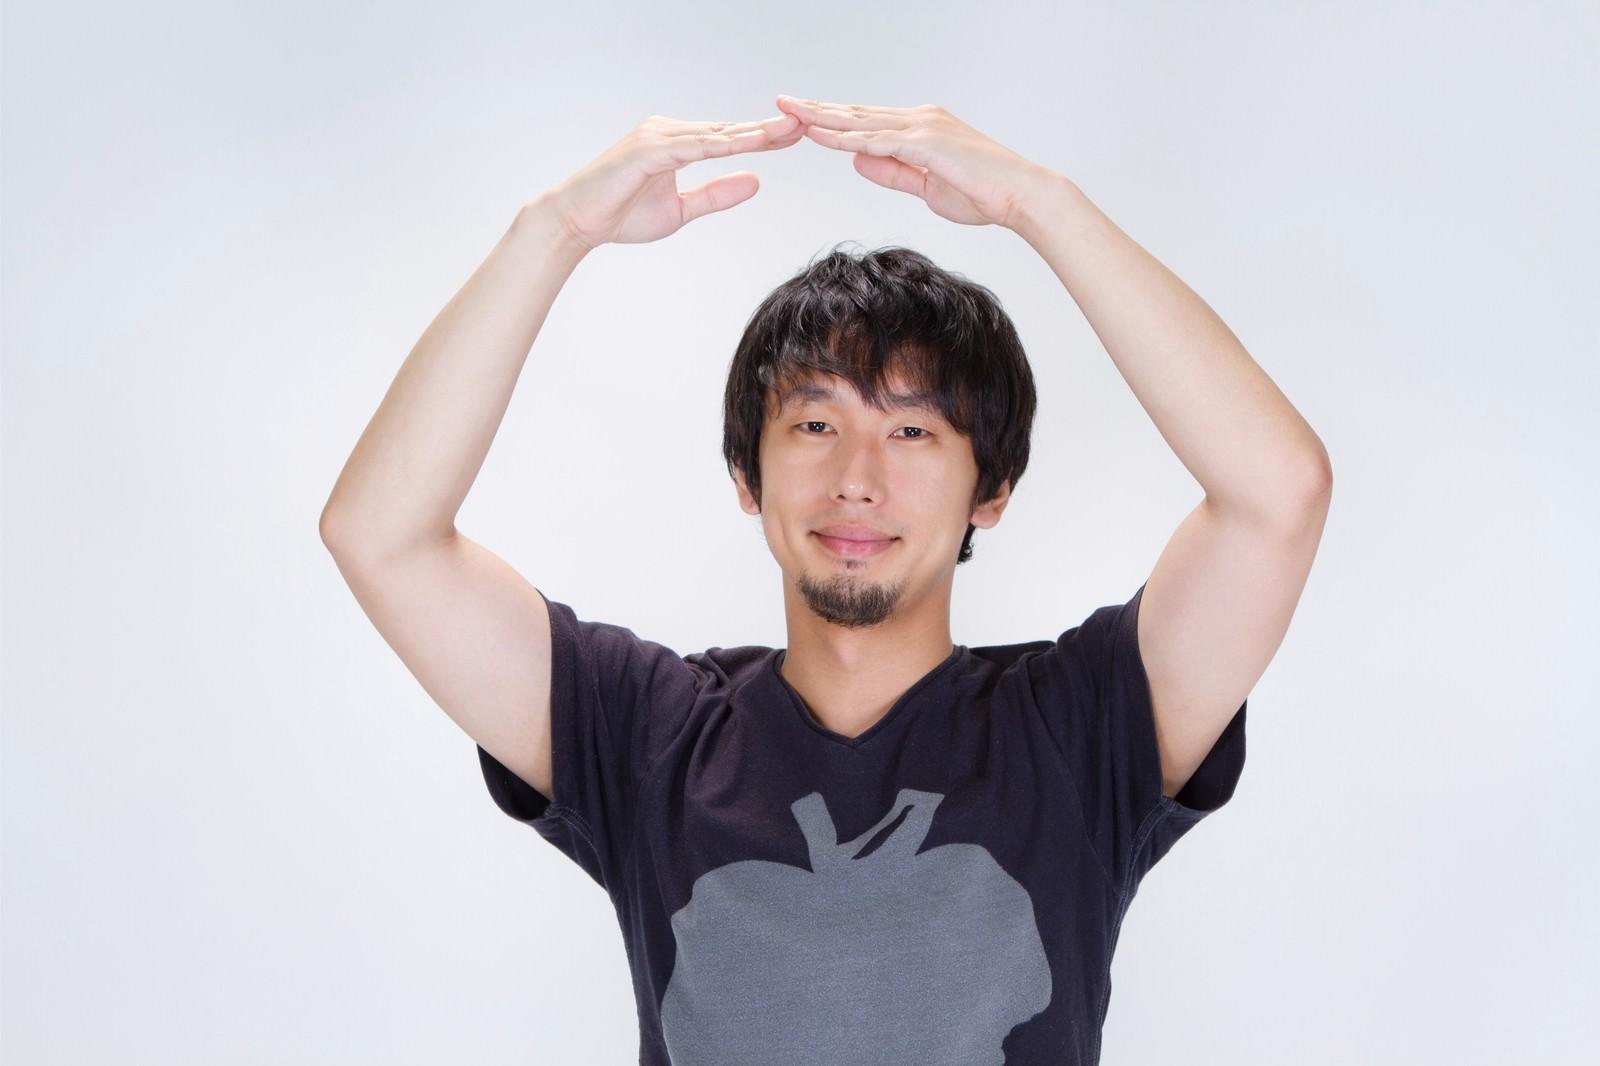 「『正解!』丸を作る男性 | 写真の無料素材・フリー素材 - ぱくたそ」の写真[モデル:大川竜弥]